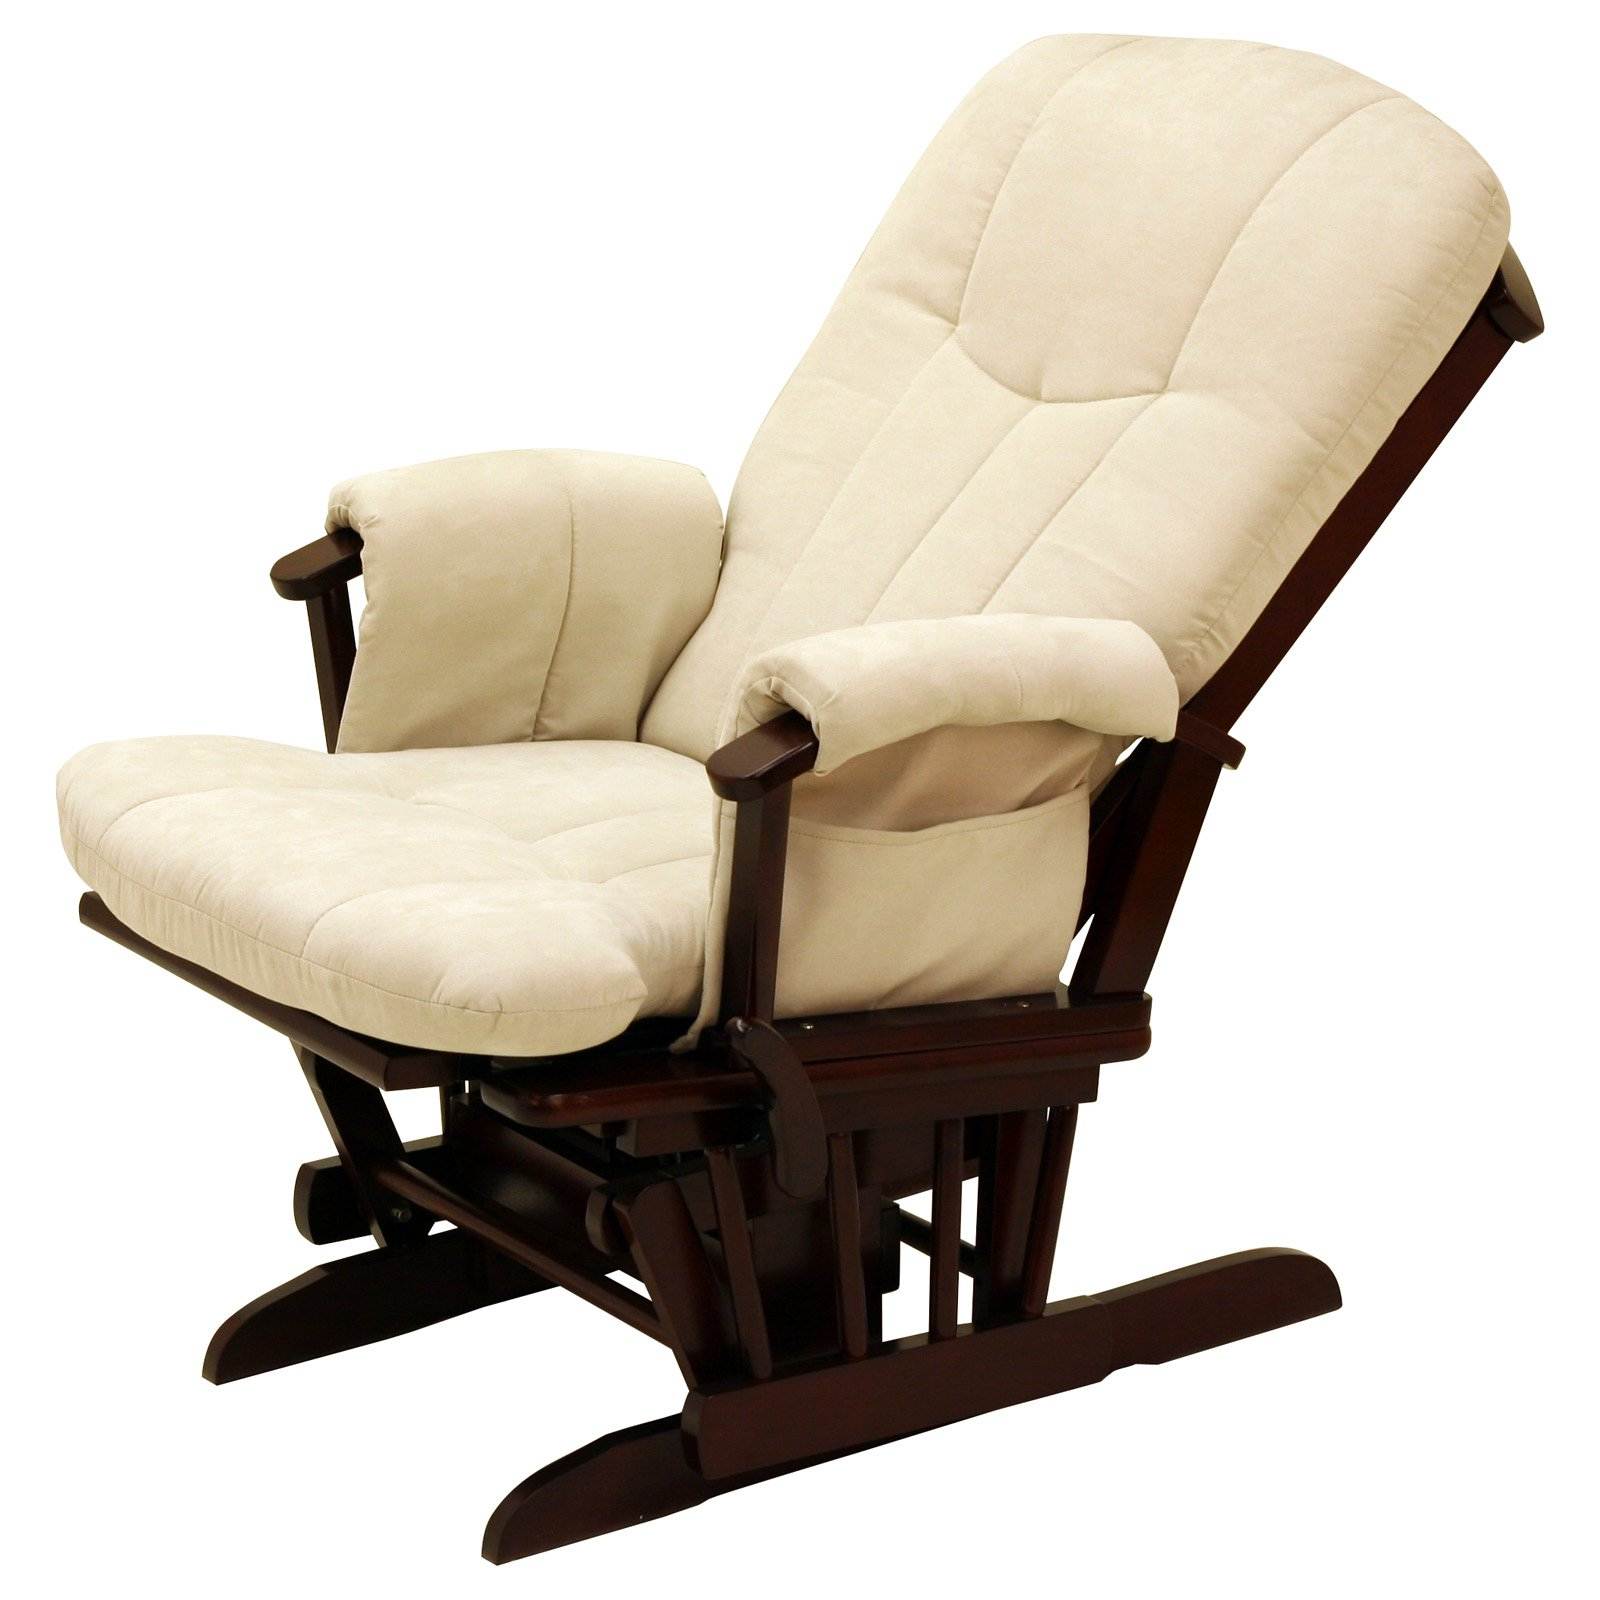 Storkcraft Deluxe Reclining Glider Rocker – Cherry Beige – Walmart In Katrina Beige Swivel Glider Chairs (Image 15 of 20)